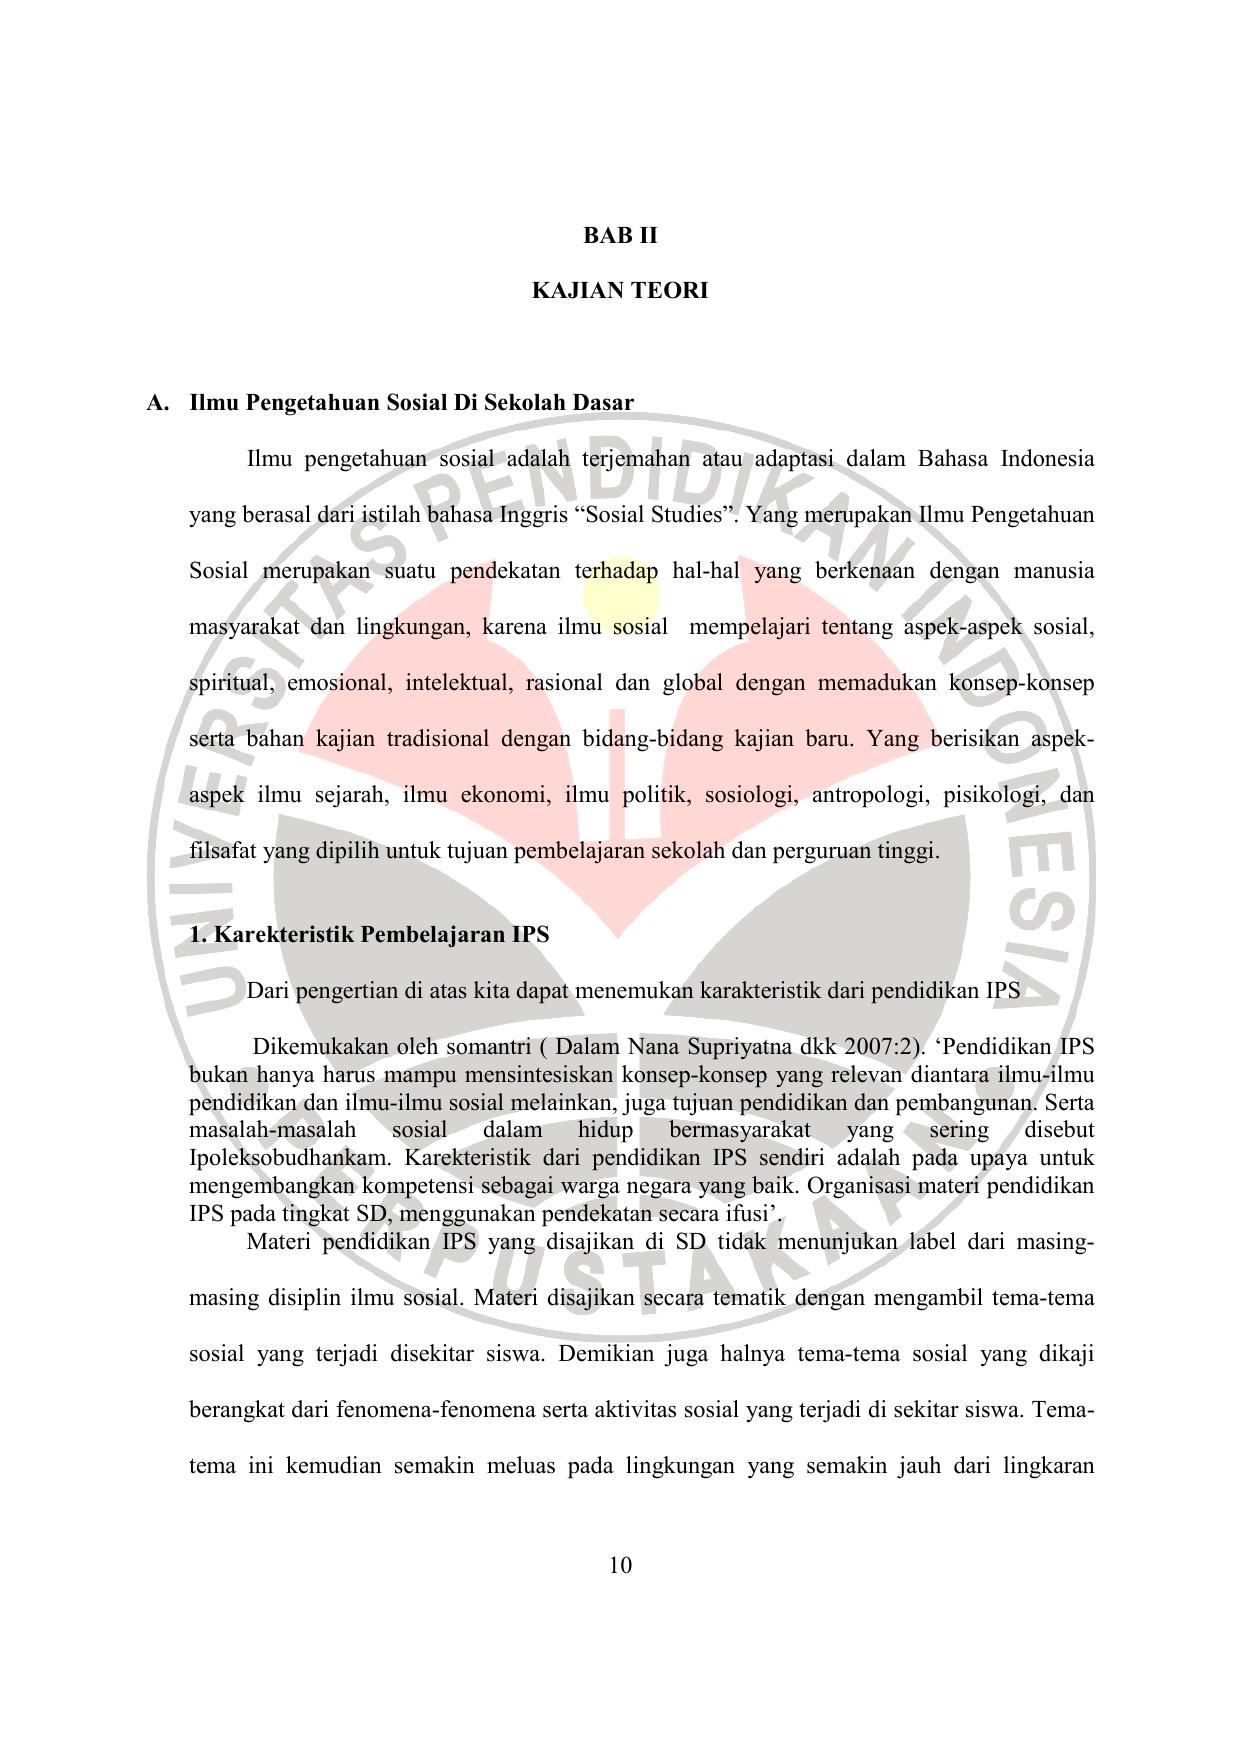 Tujuan Mempelajari Bahasa Indonesia Di Perguruan Tinggi ...